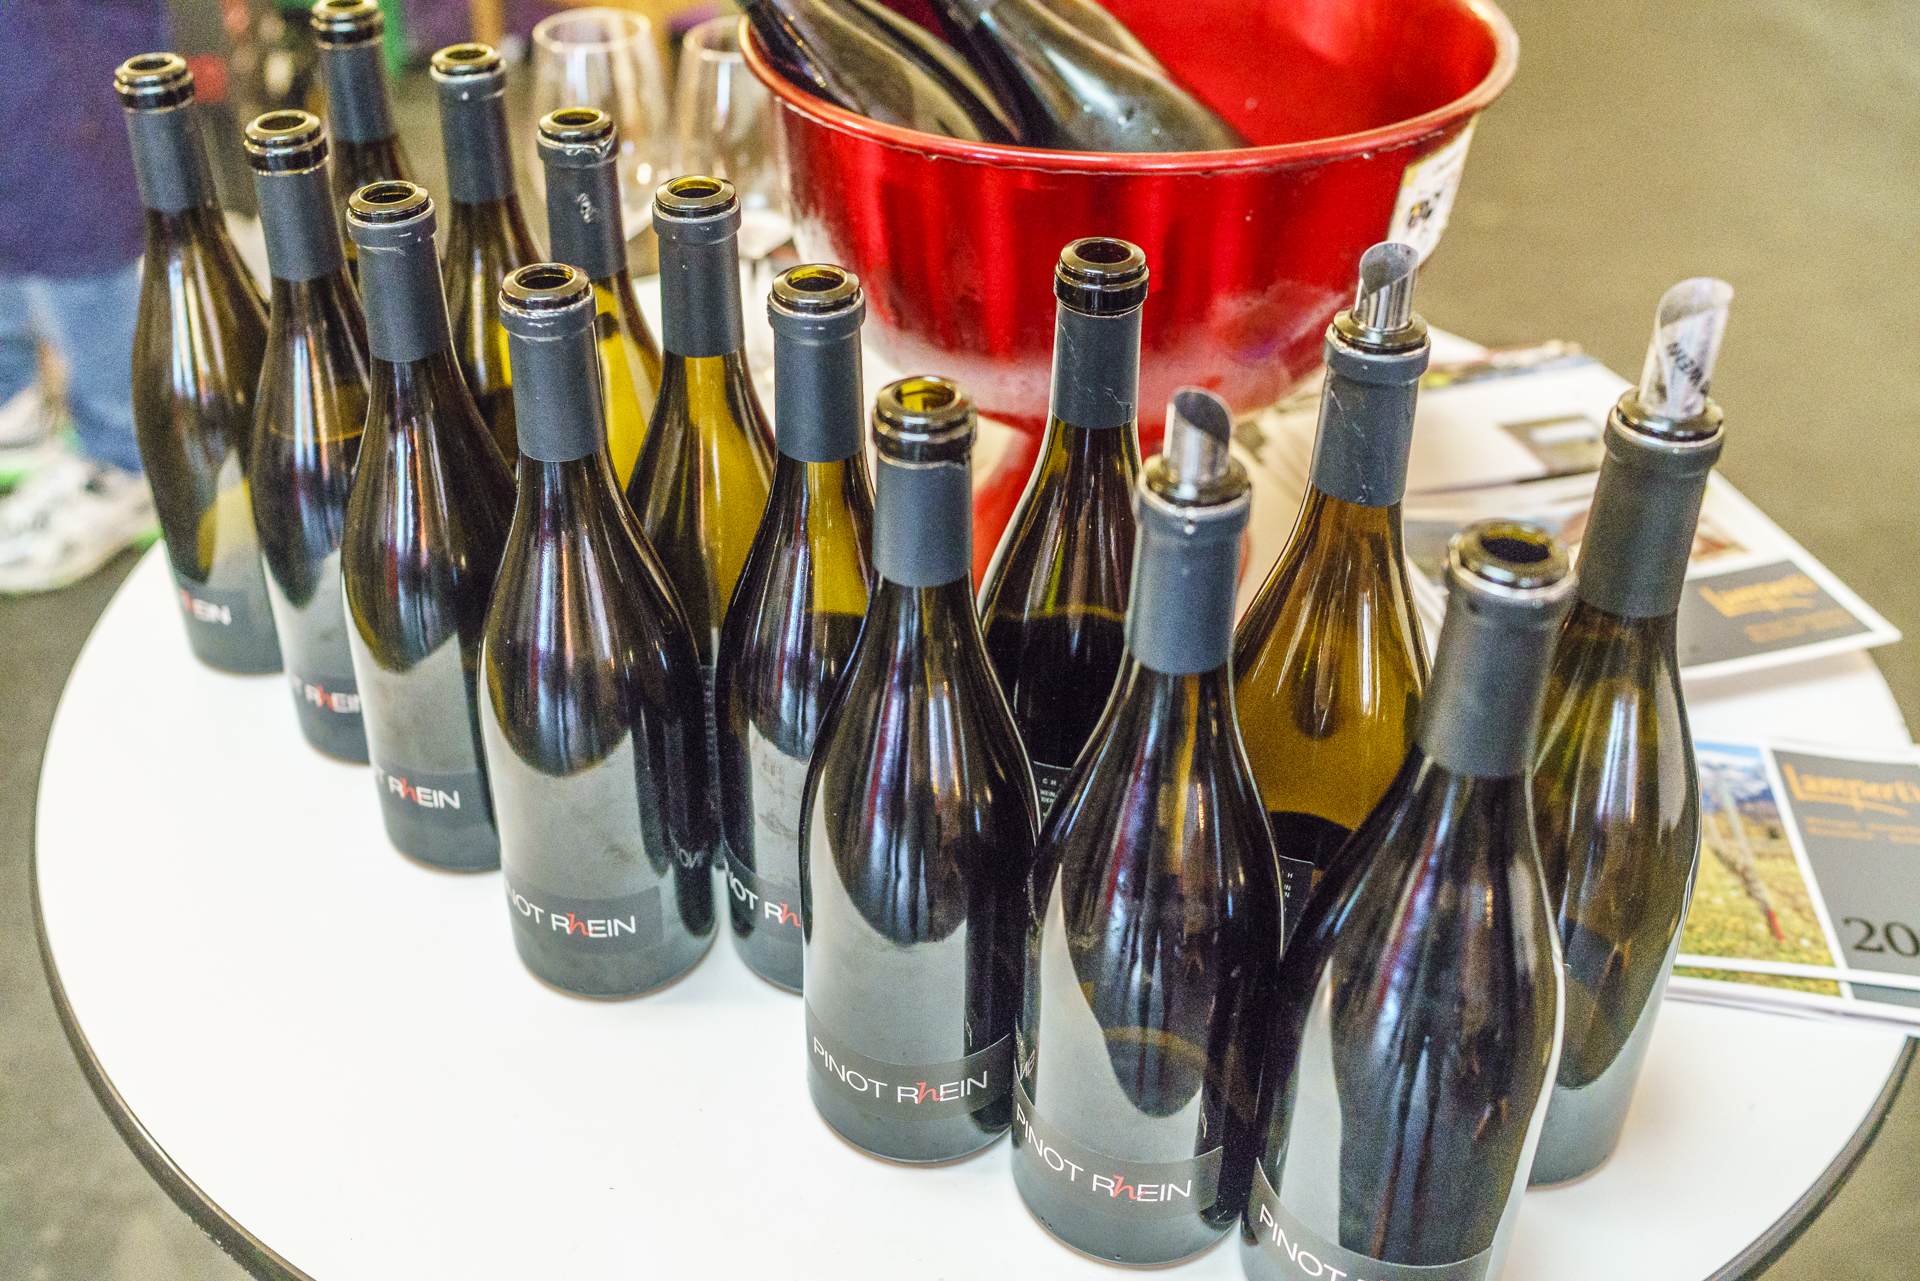 Pinot Rhein Vertikaldegustation